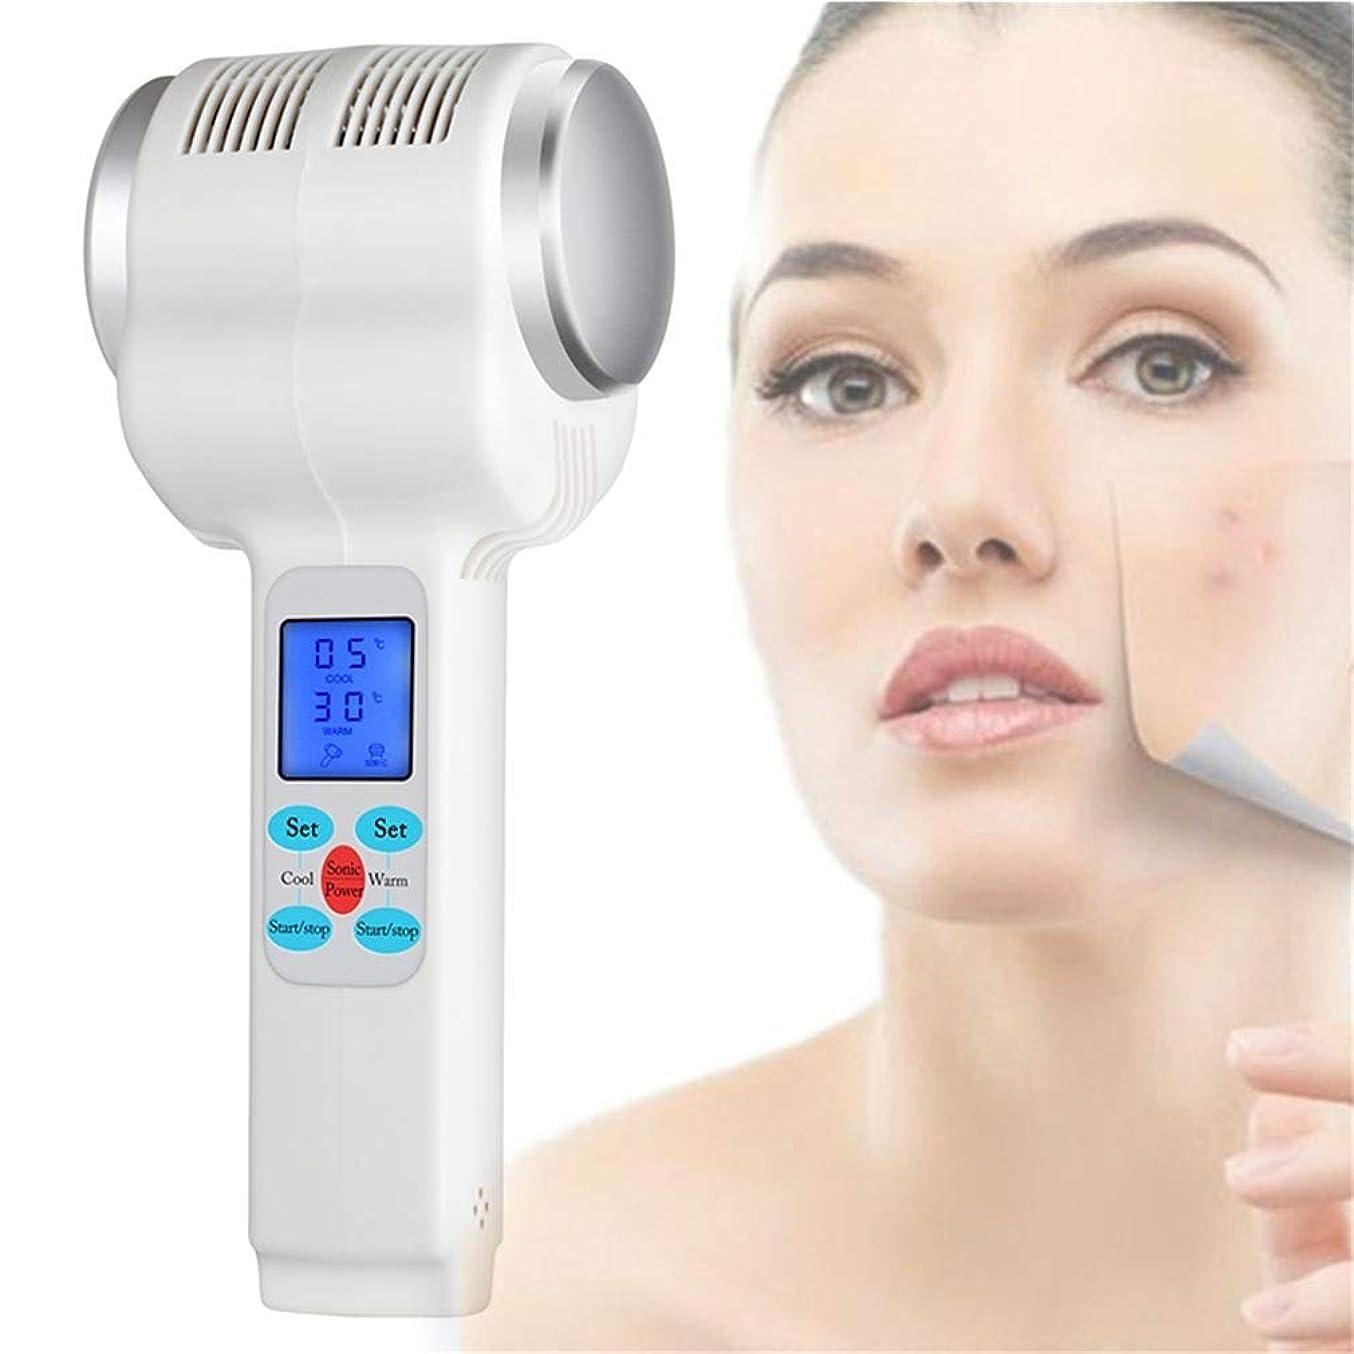 果てしない細断ベール顔のリフティングセラピースキンを引き締めるマッサージマシンの美しさを持ち上げる顔の美容マシン超音波ホットコールドハンマーボディスキンリフティング、アイバッグ除去、しわの除去